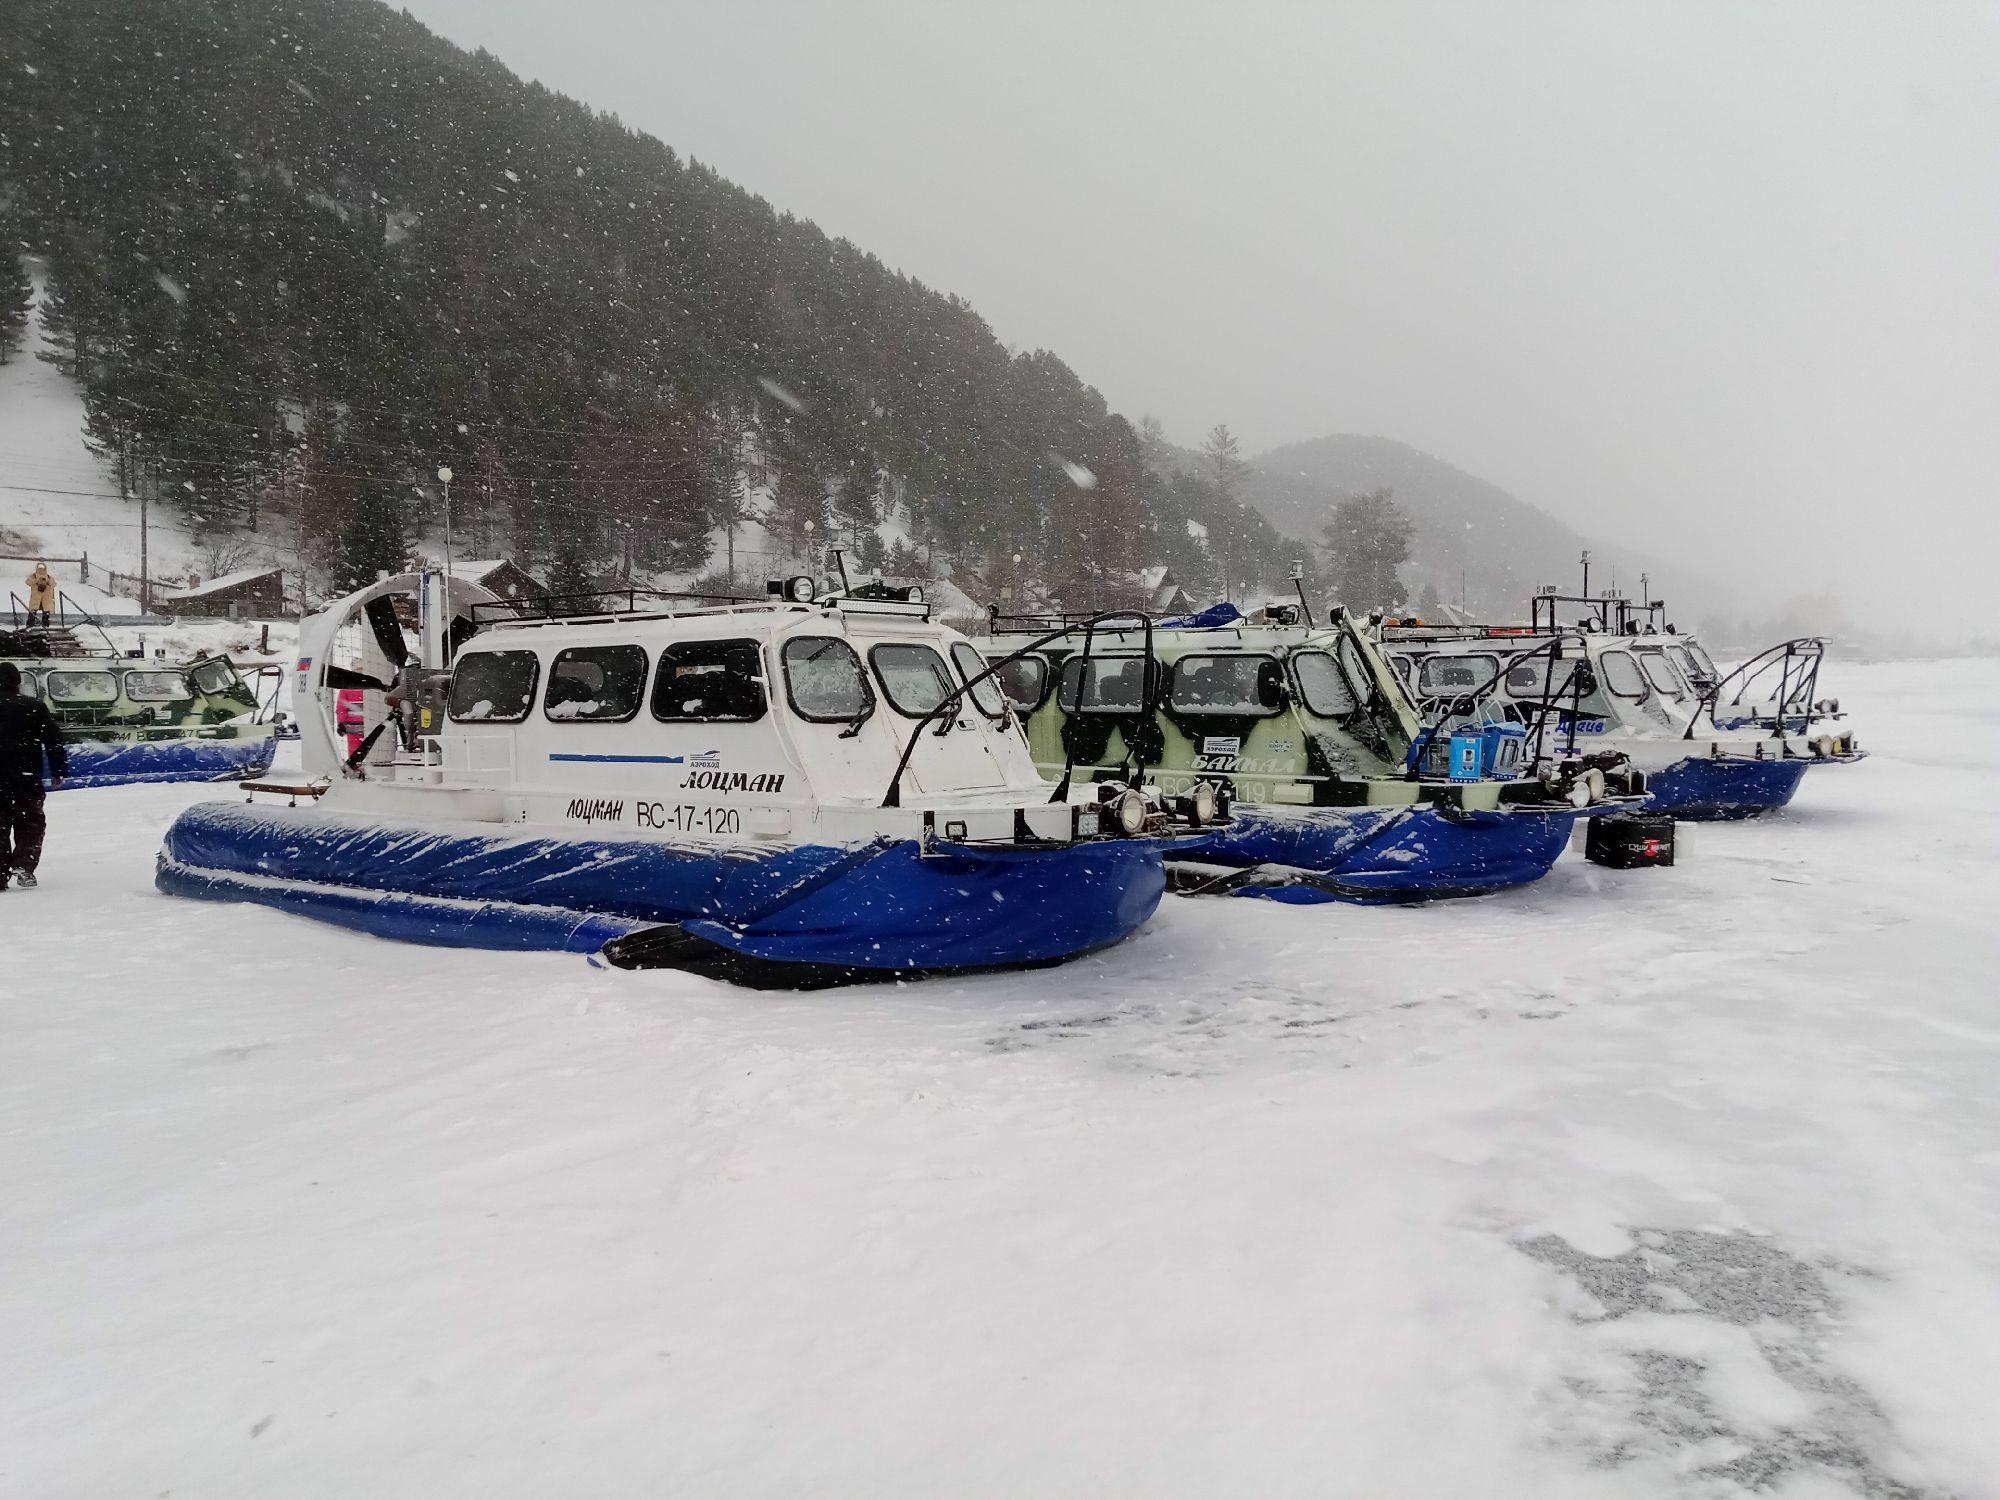 Хивусы - суда на воздушной подушке доставляют туристов по льду Байкала до мест назначения